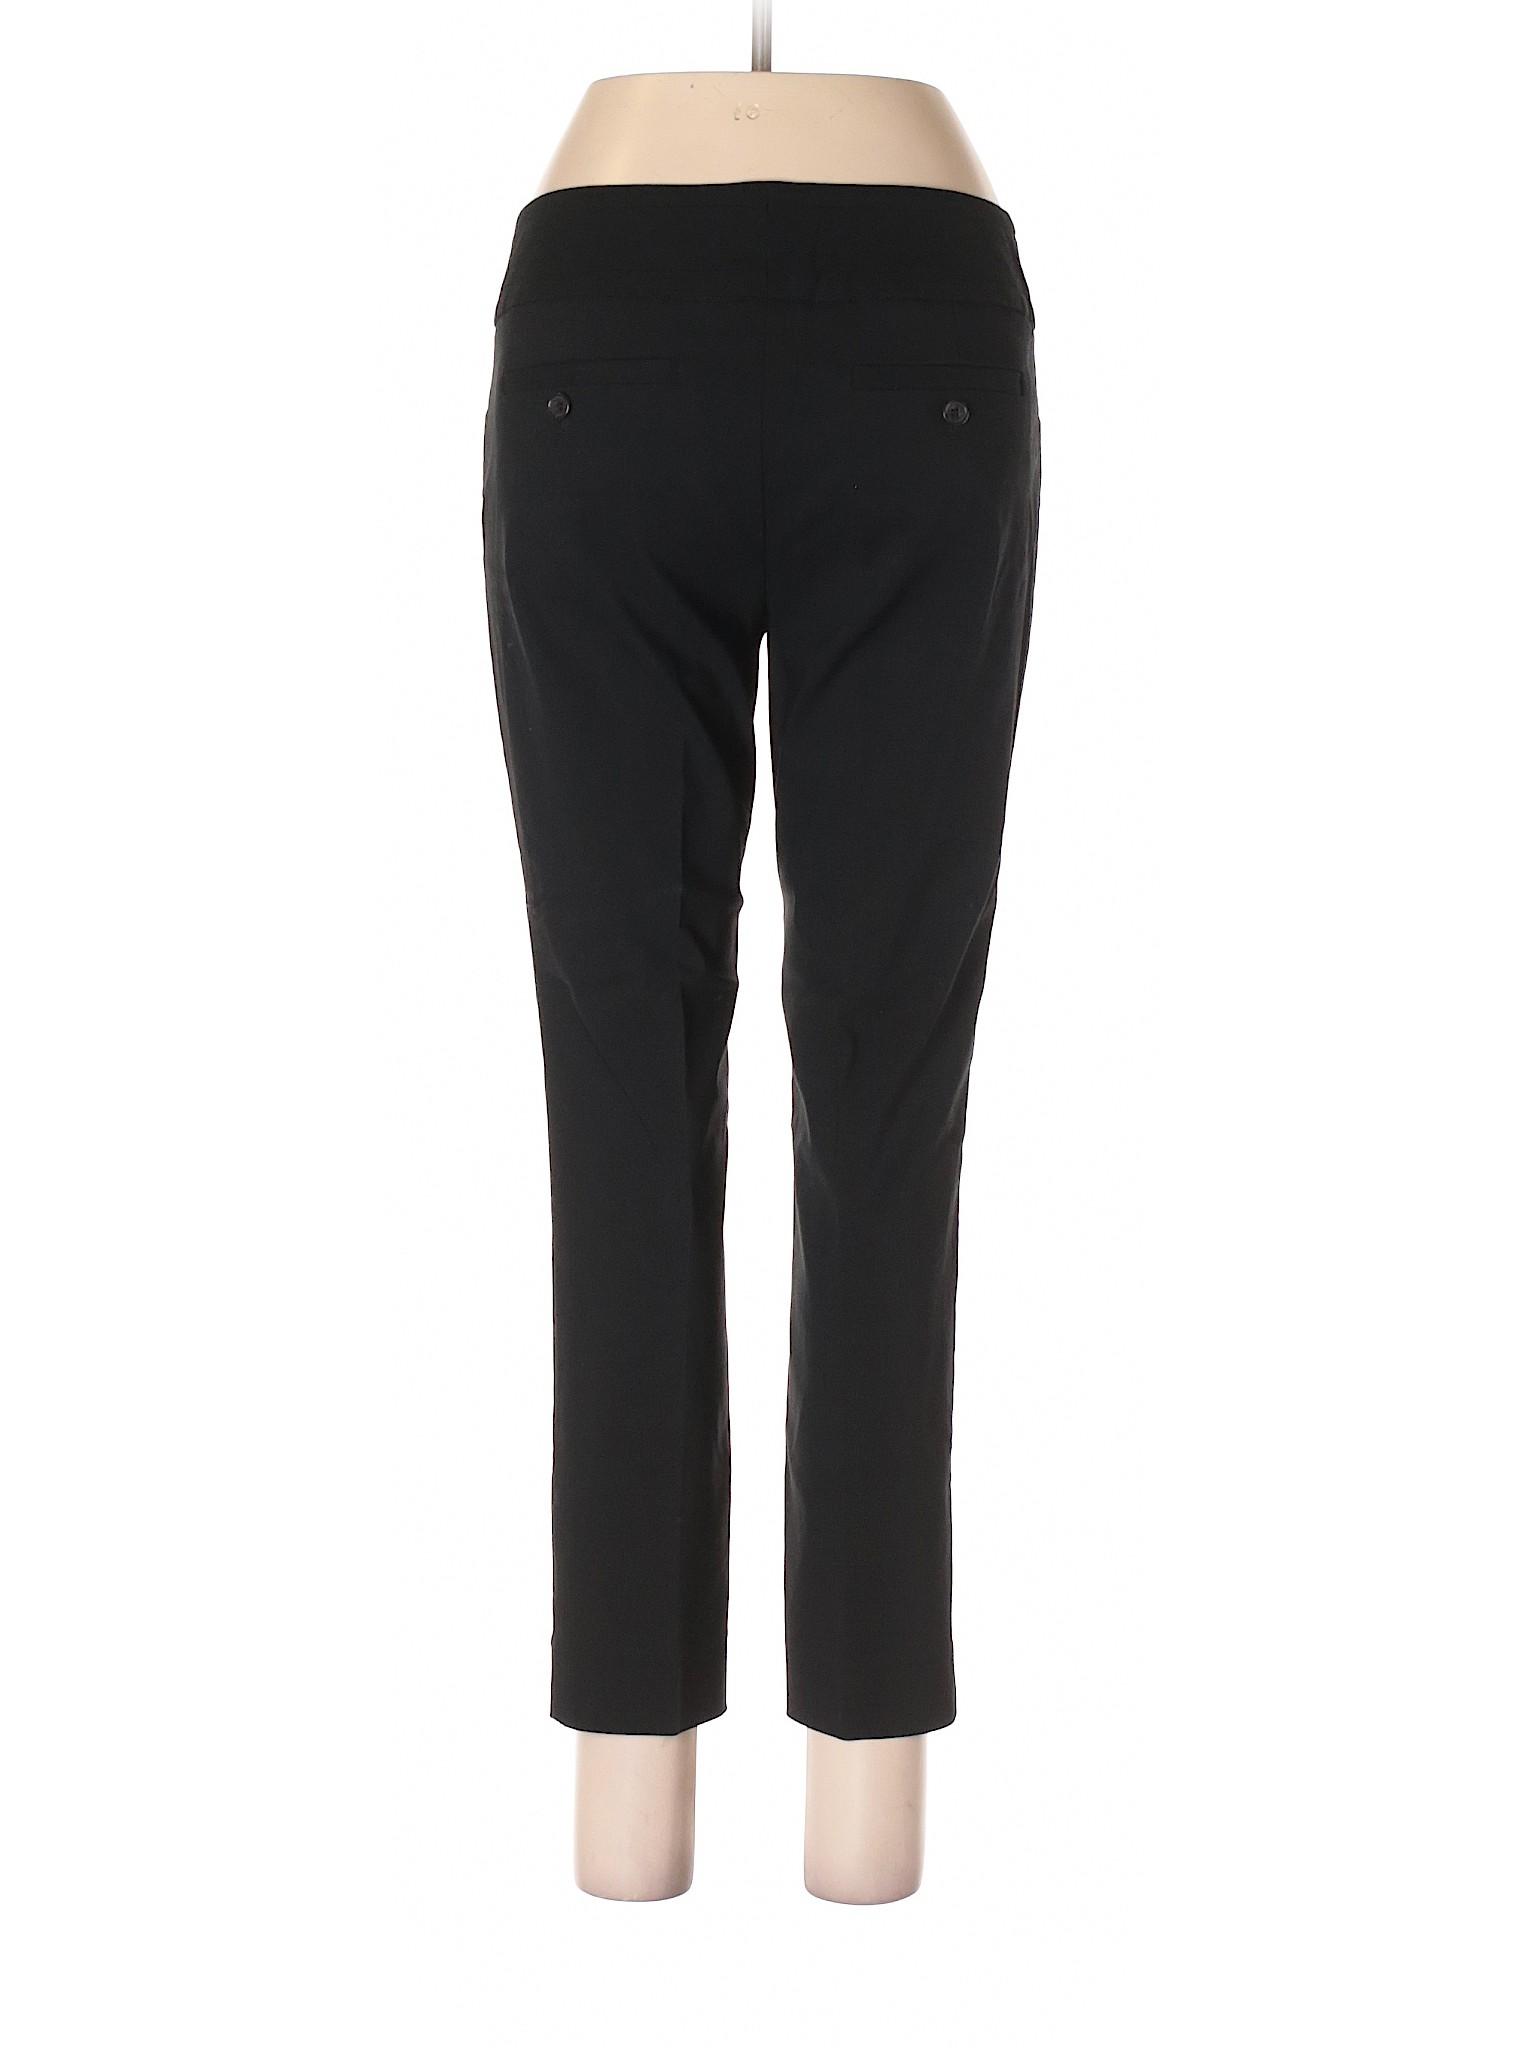 Limited Dress The leisure Pants Boutique xwFAqZ